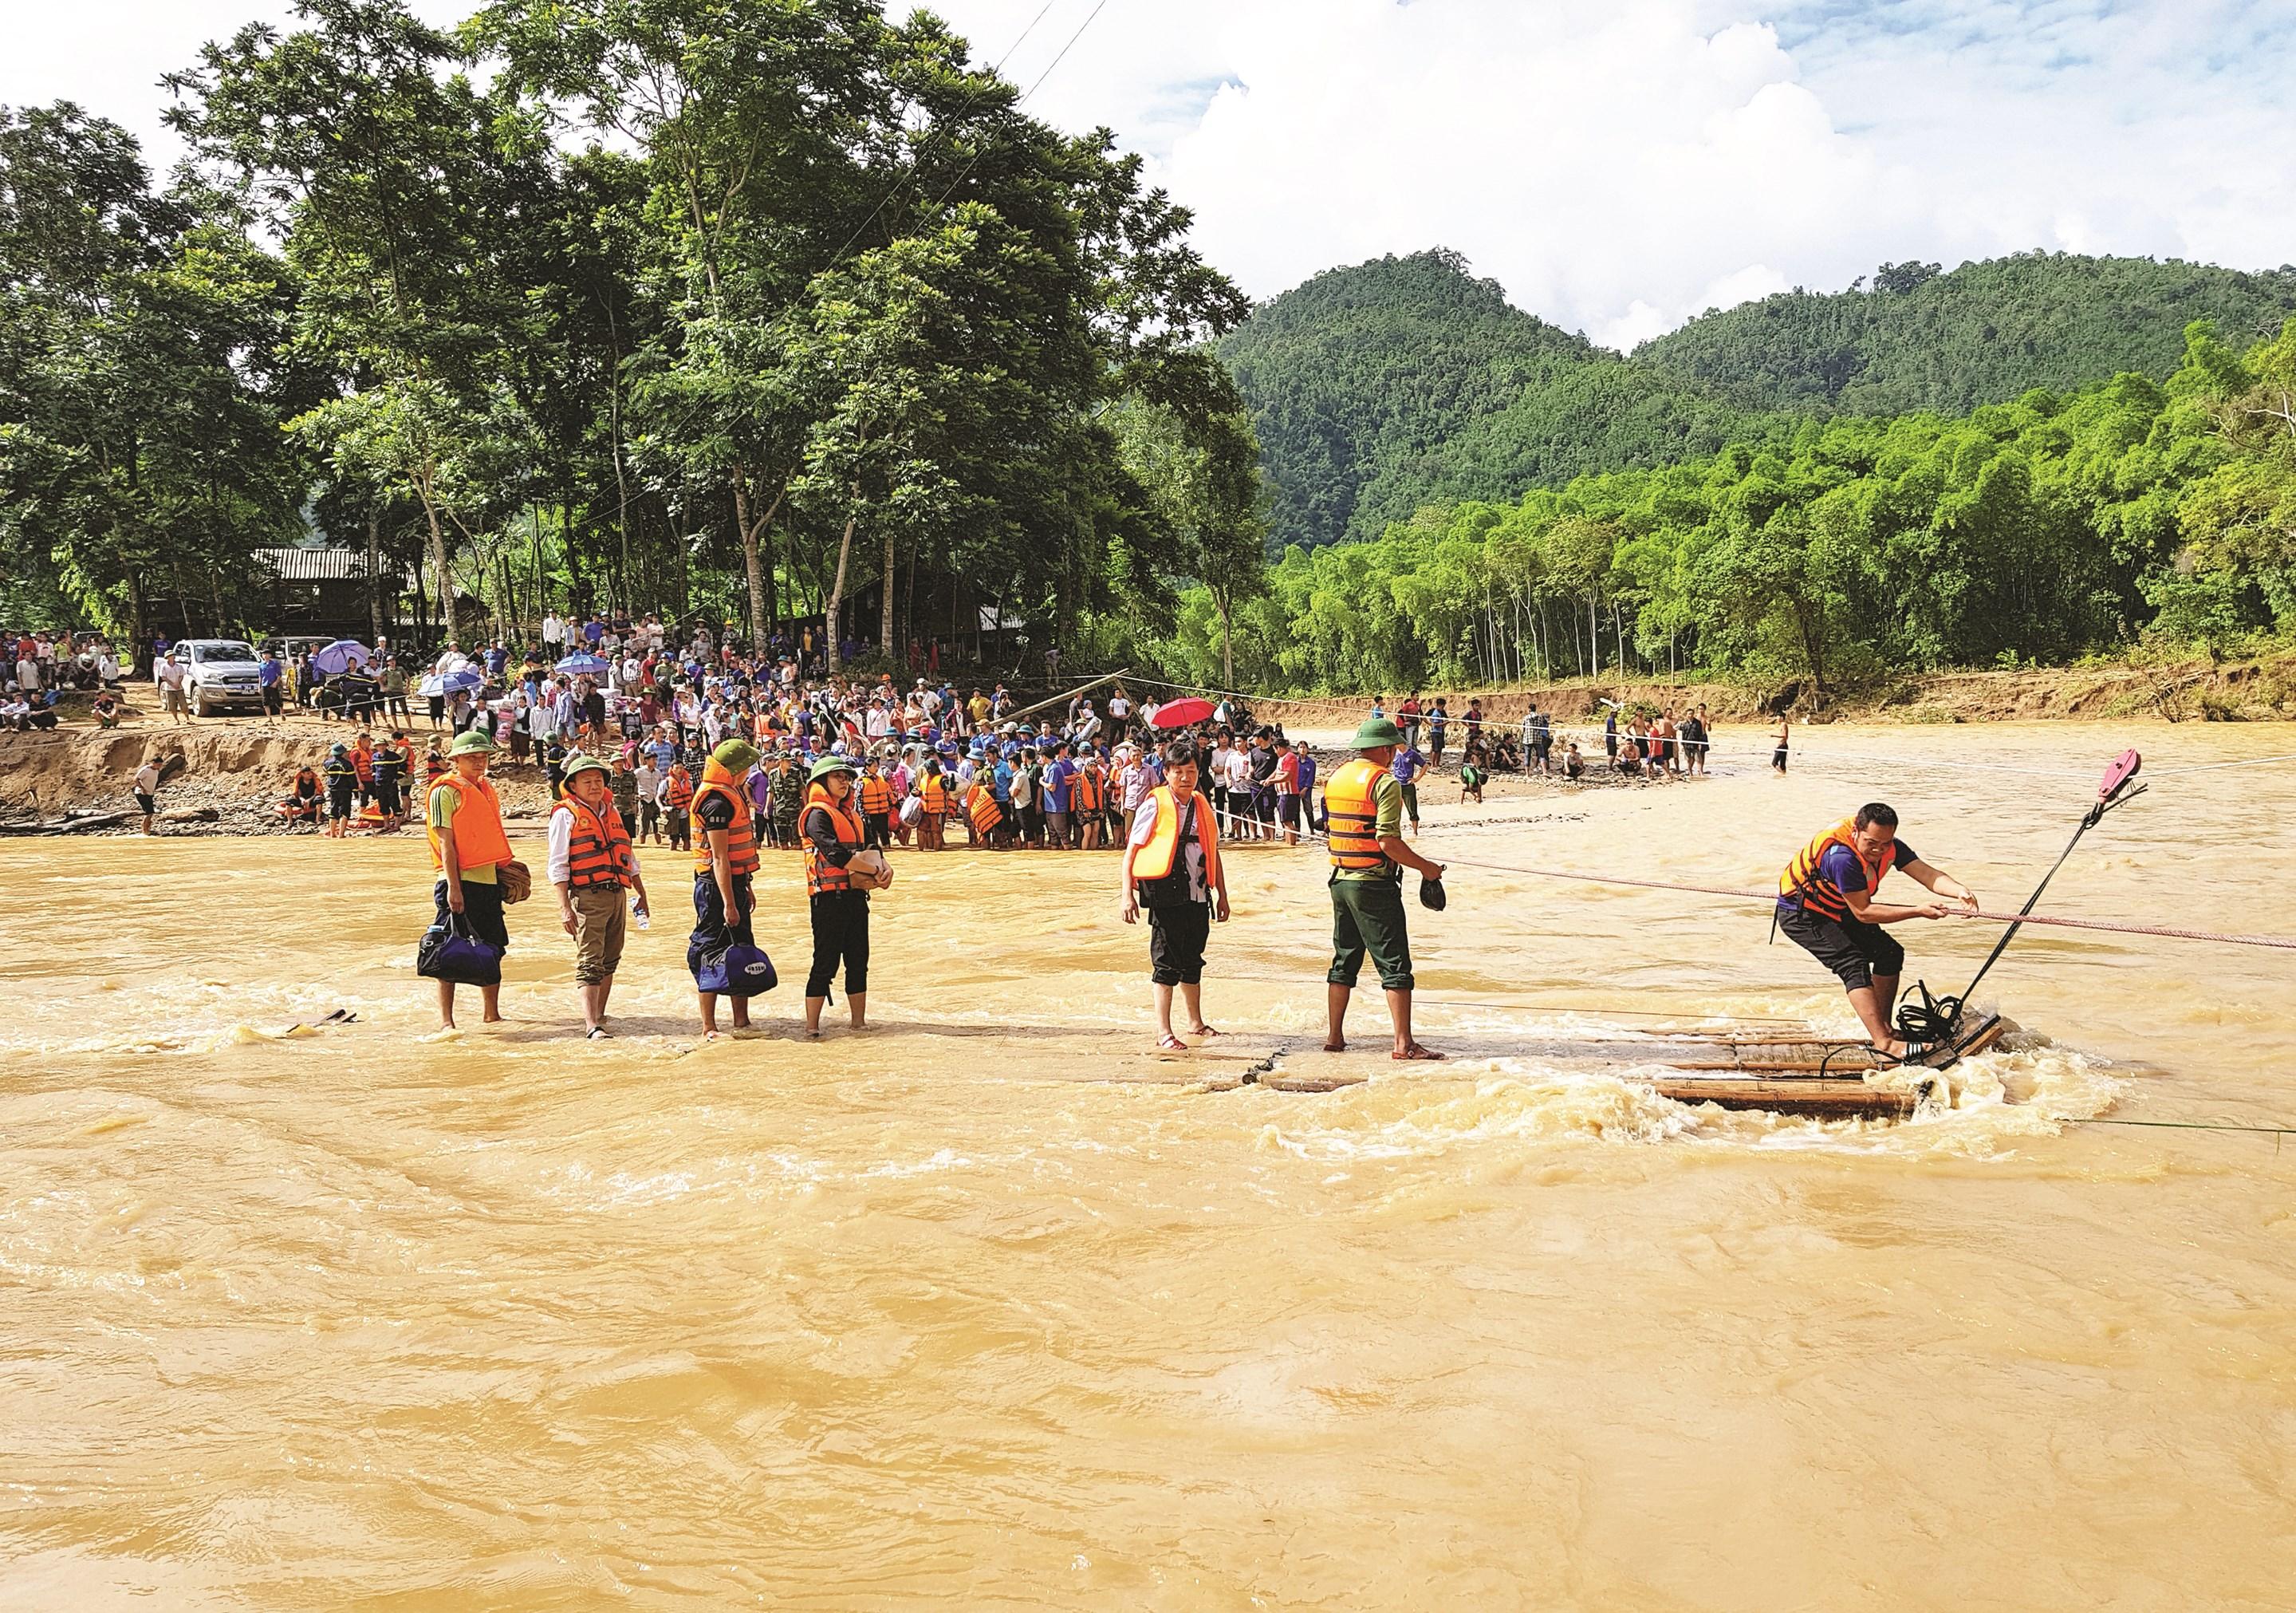 Đoàn công tác của Ủy ban Dân tộc vượt sông bằng bè mảng đến thăm bà con bản Sa Ná, huyện Quan Sơn - Thanh Hóa bị lũ lụt năm 2019 (Ảnh Phóng viên Thu Thảo tác nghiệp tại vùng lũ)